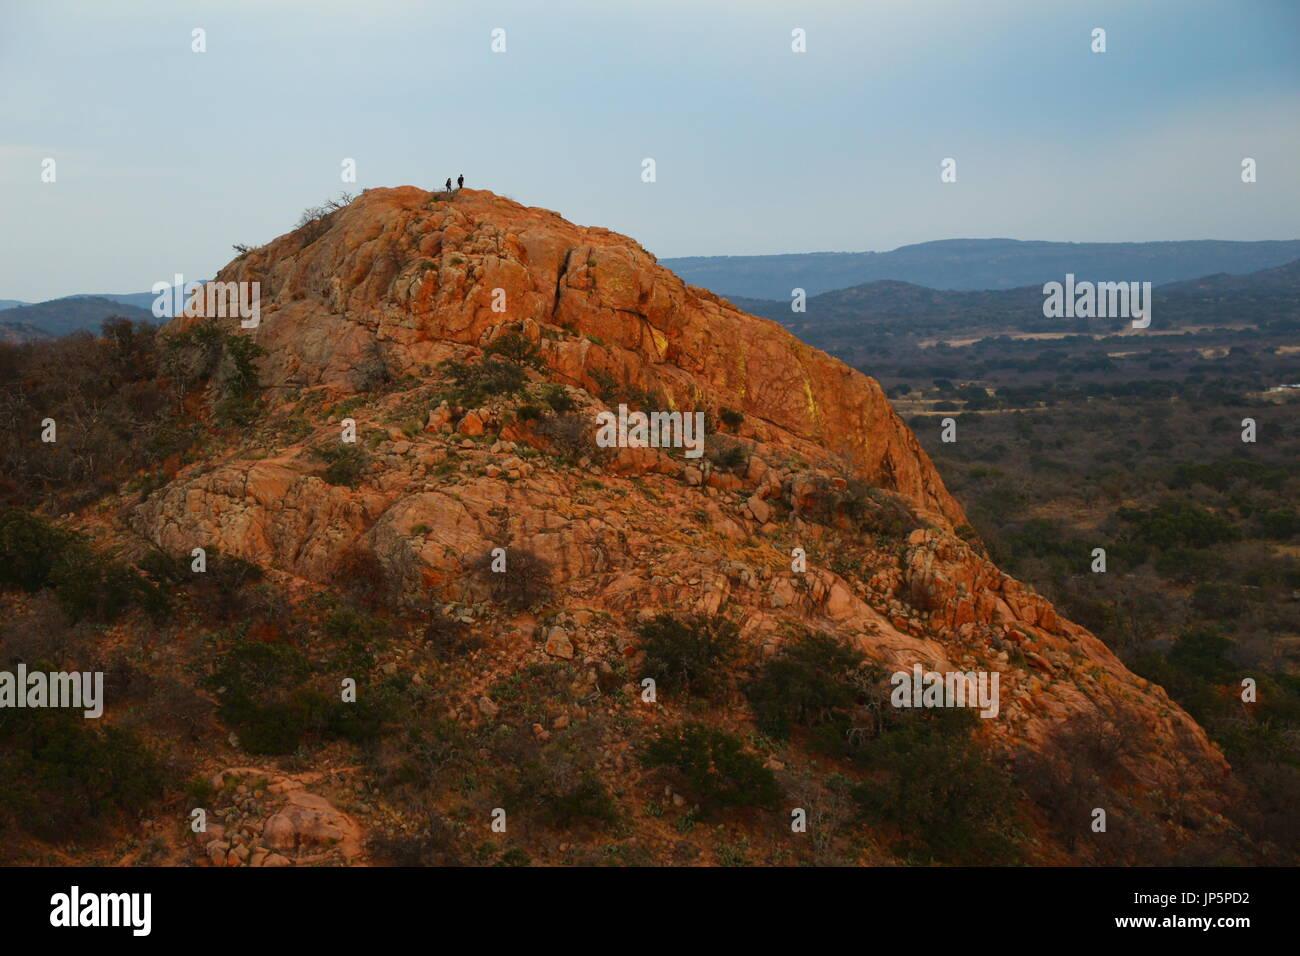 enchanted rock - Stock Image